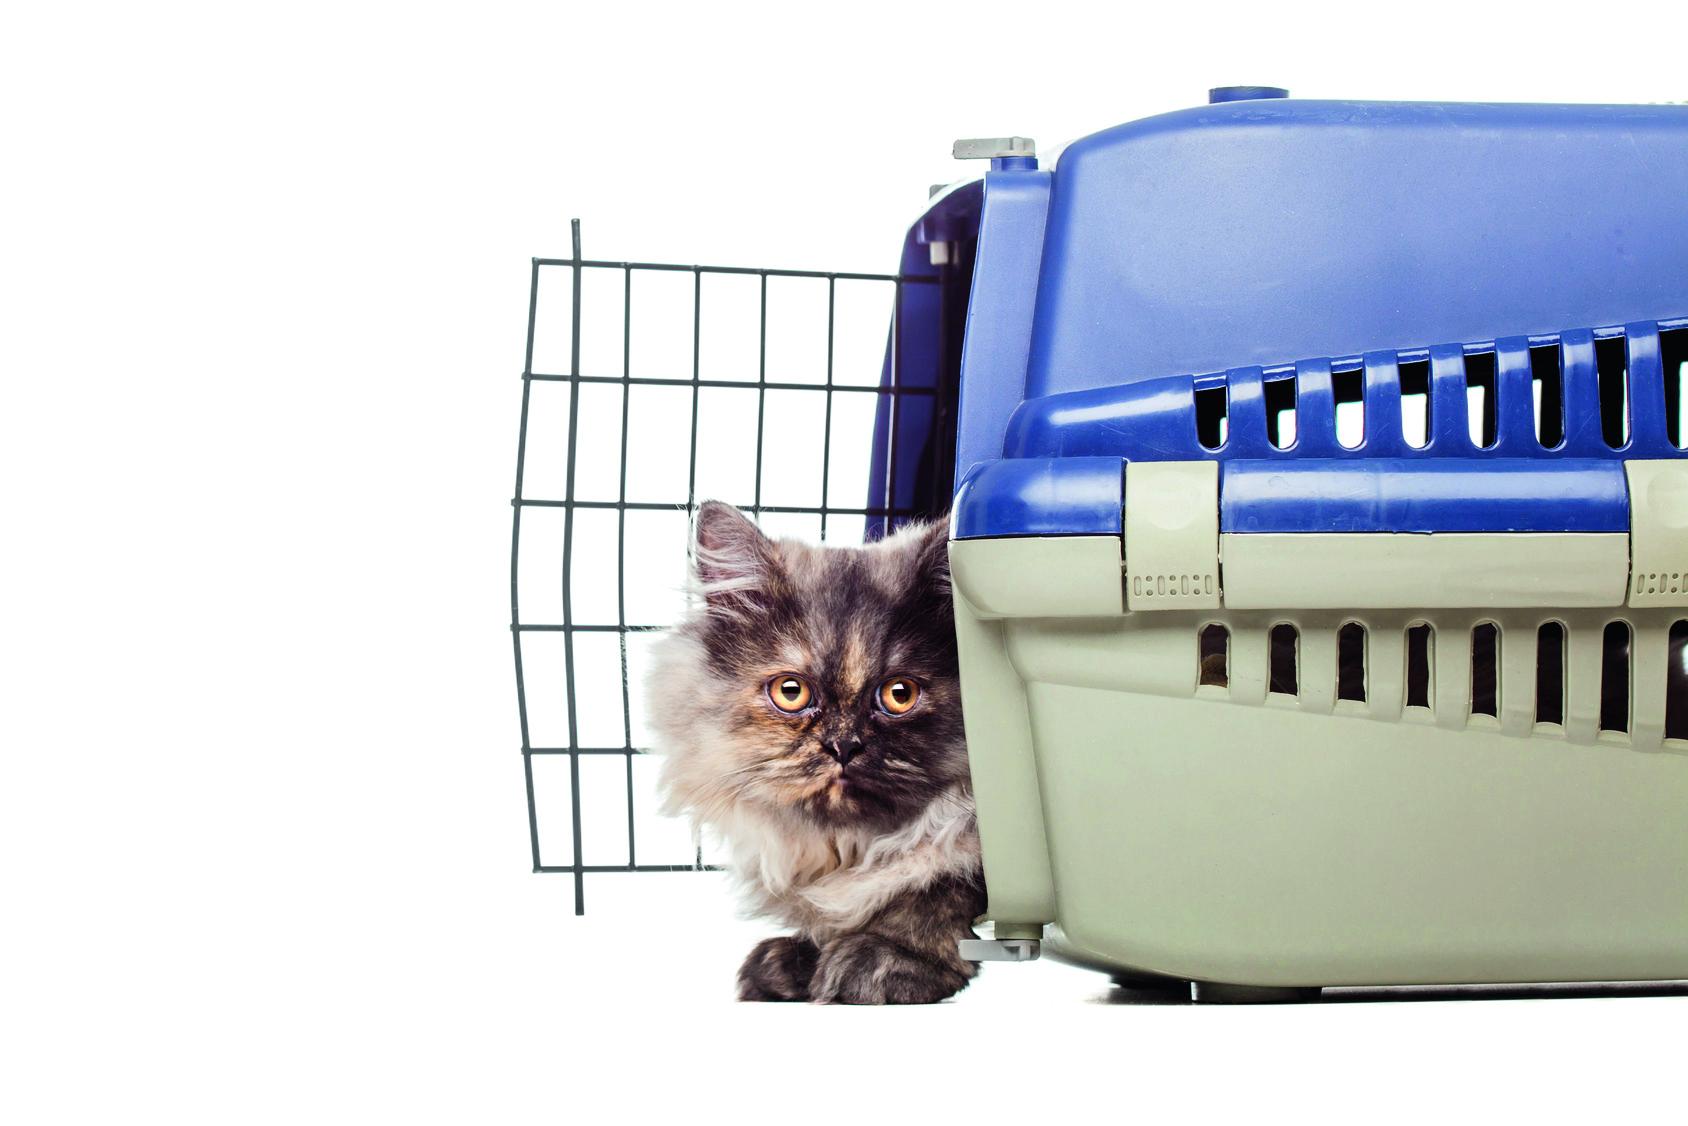 Les chat etrangers avec Top 22